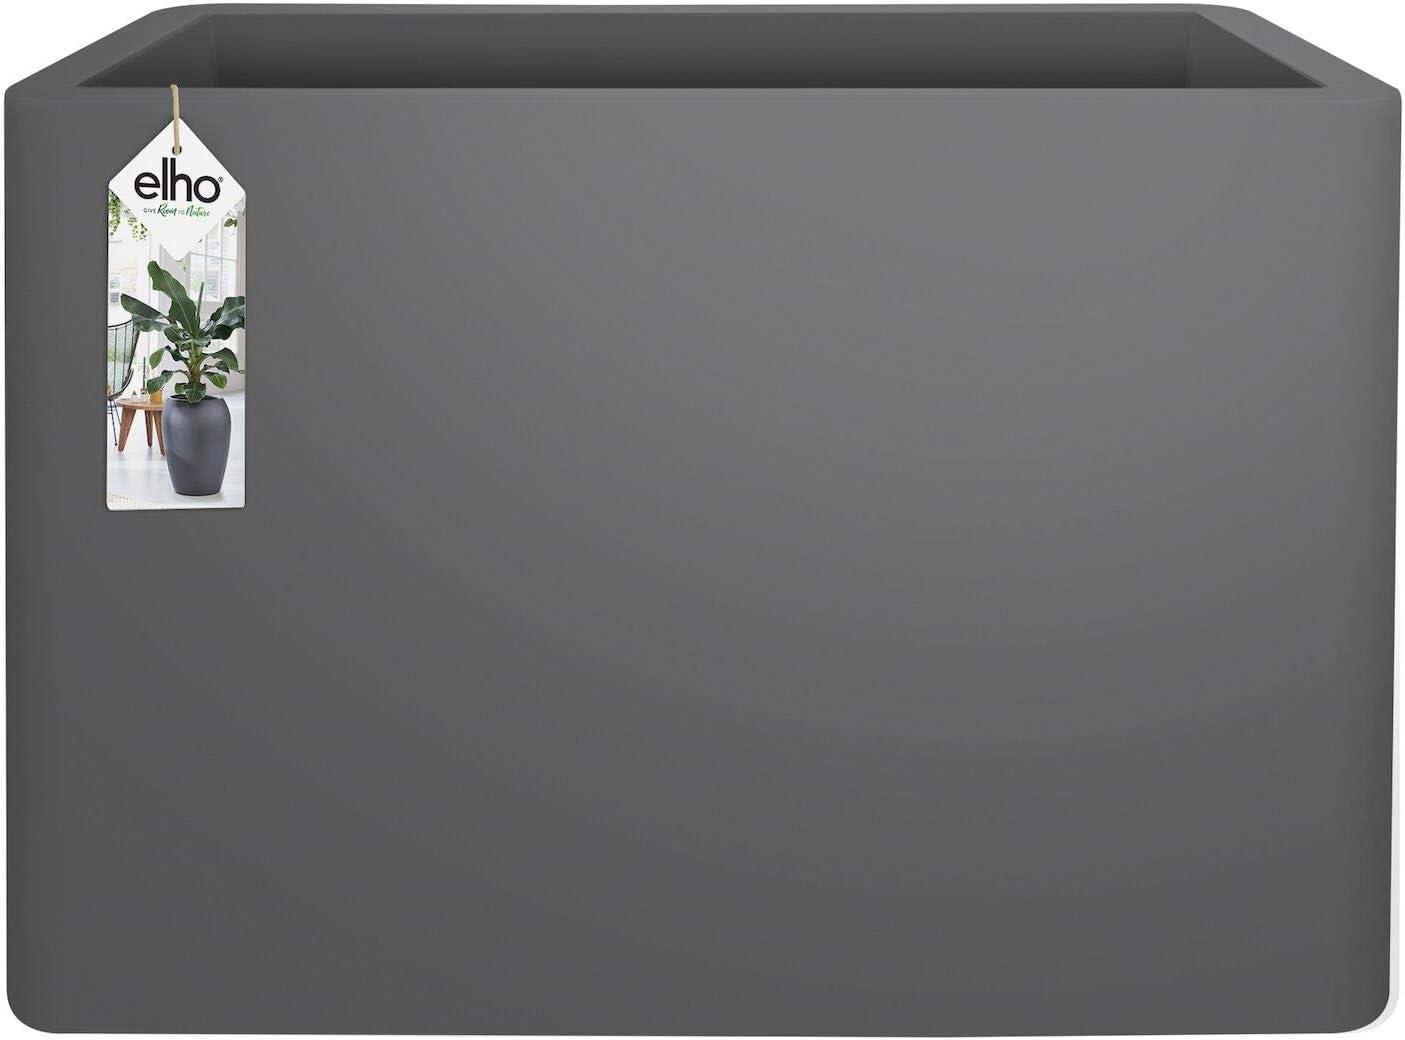 Elho Pure Soft Brick Divider Macetero con Ruedas, Anthracite, 78x29x58 cm